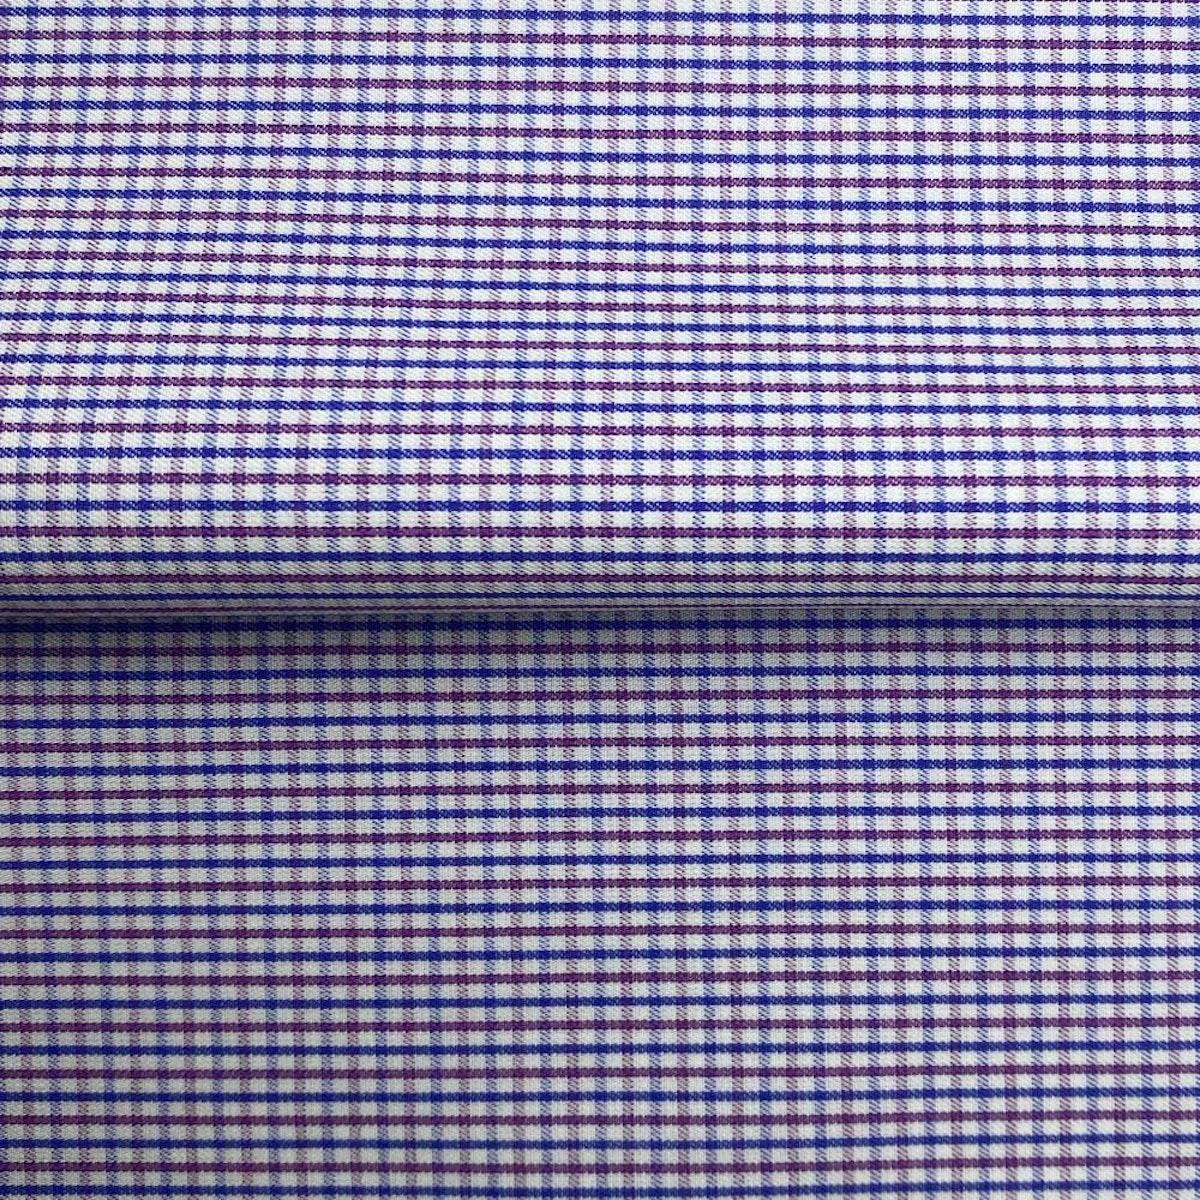 InStitchu Shirt Fabric 151